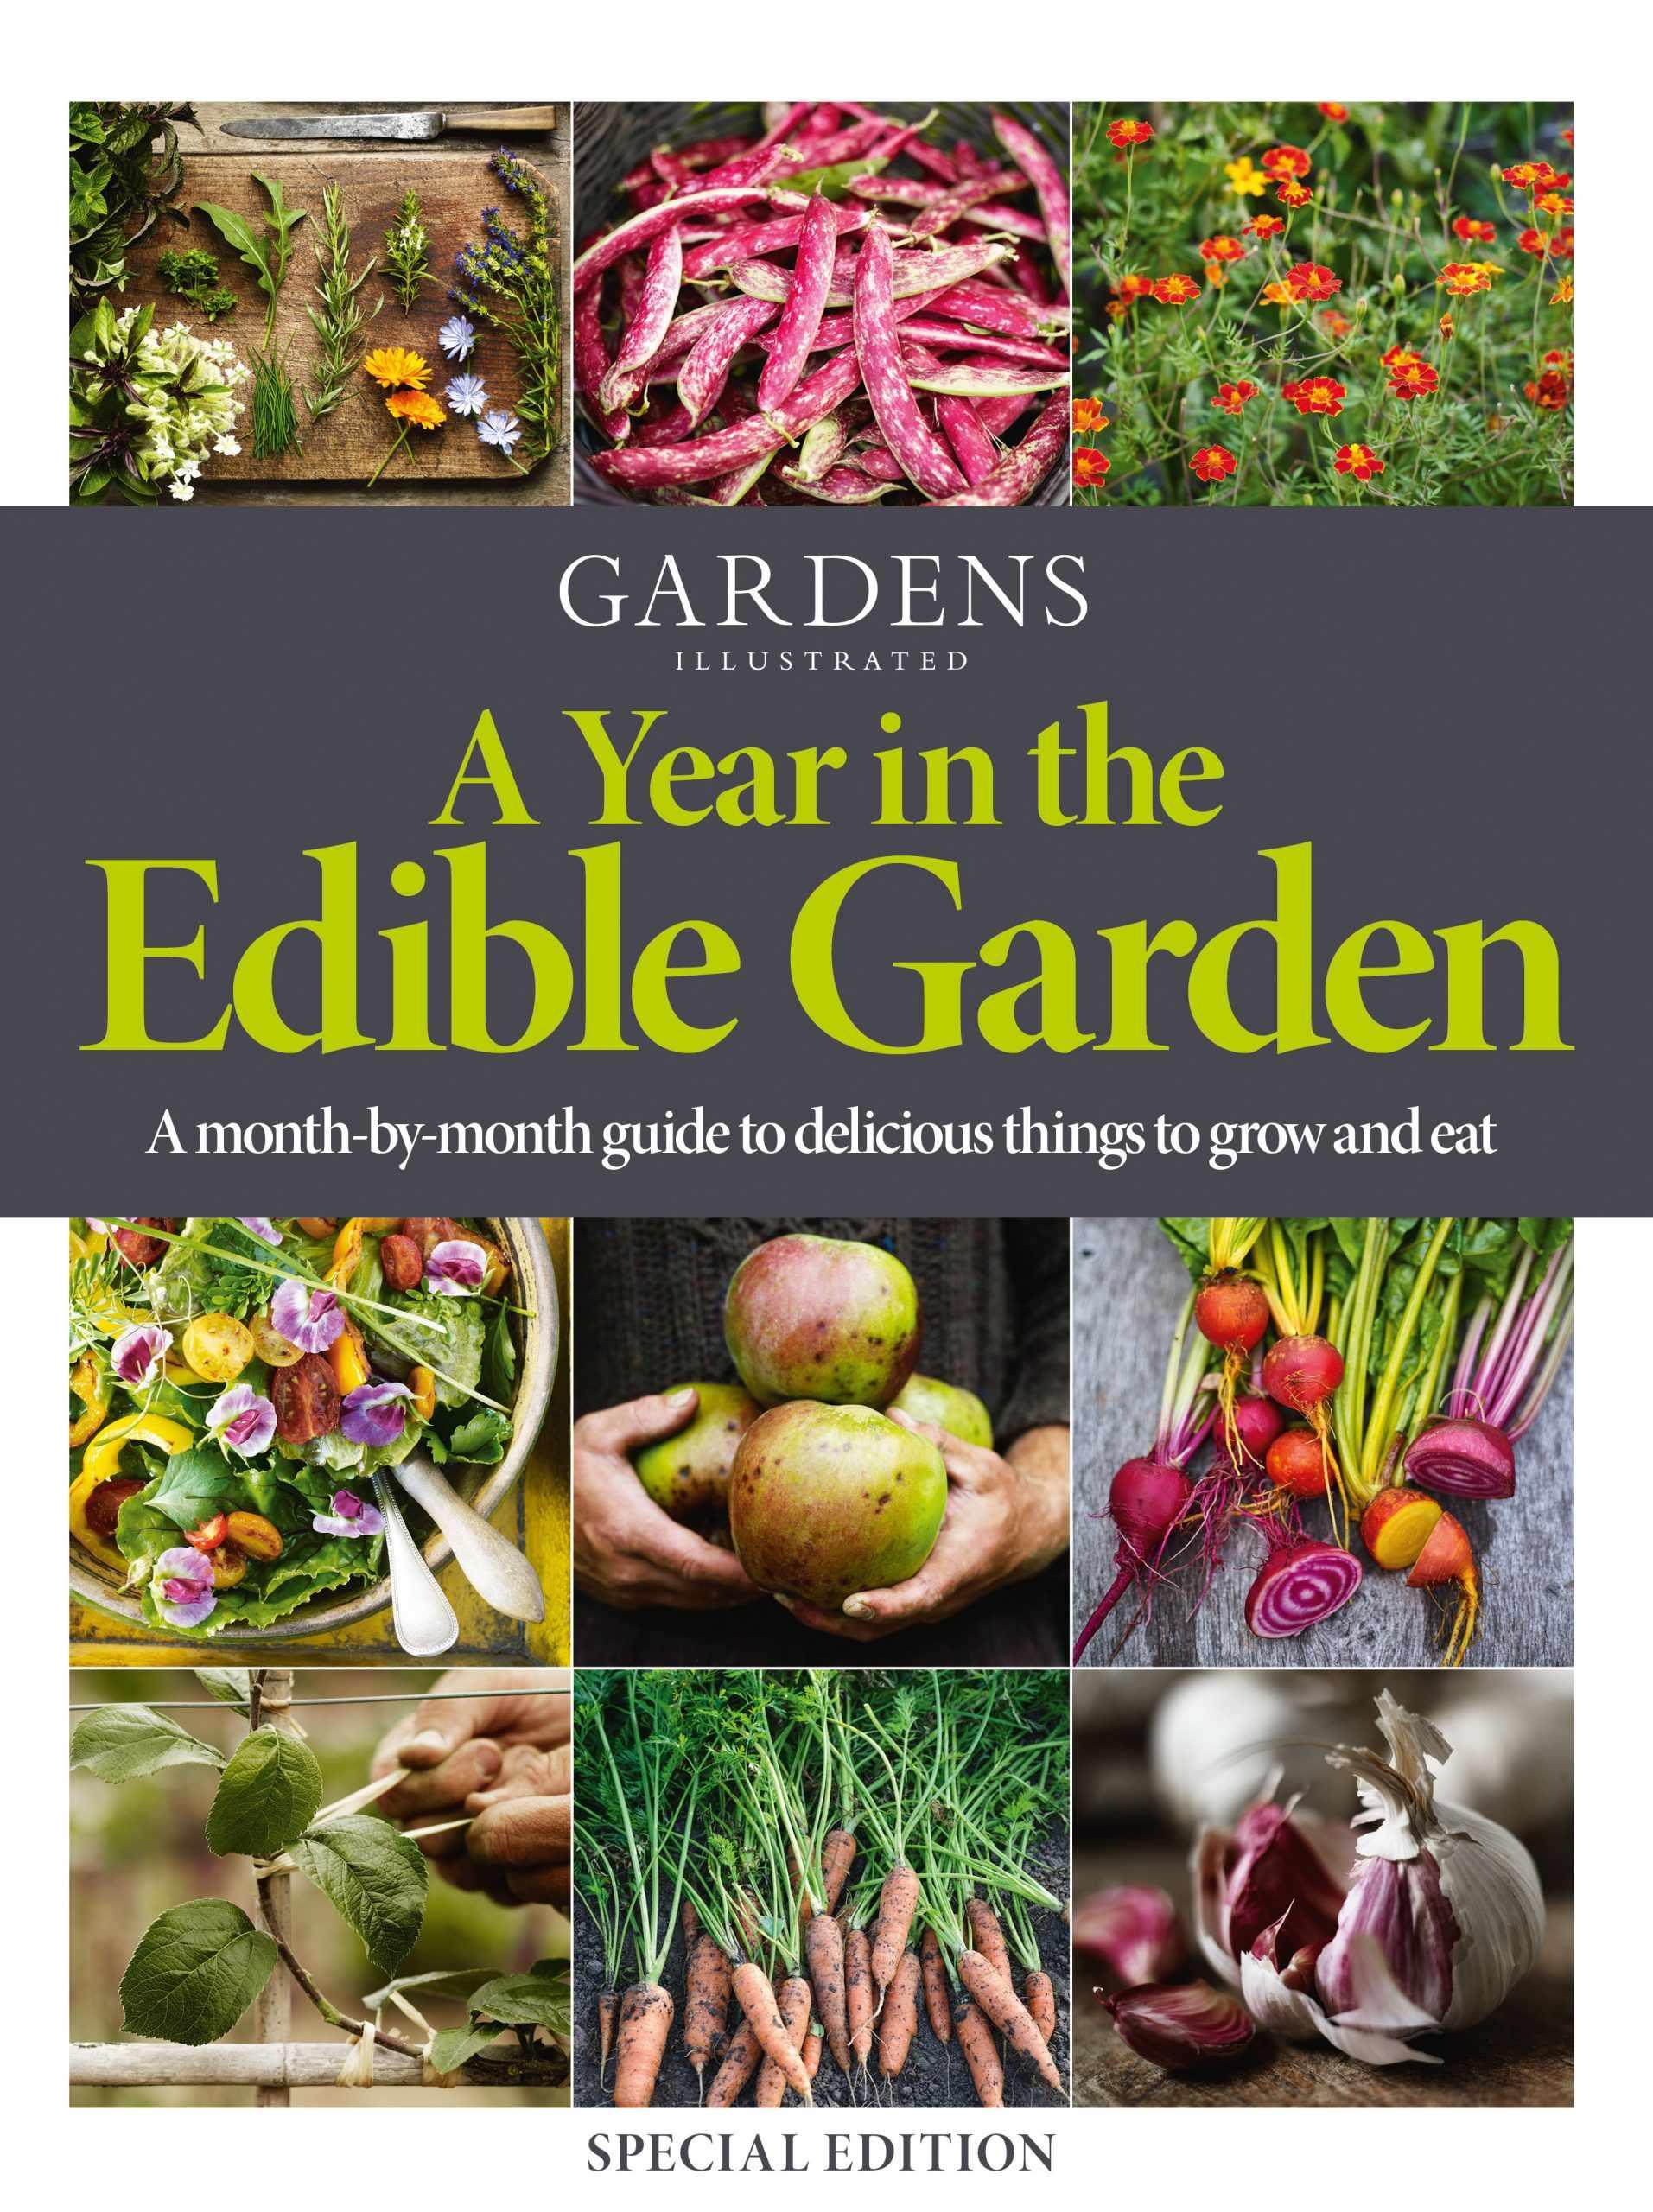 A Year in the Edible Garden cover